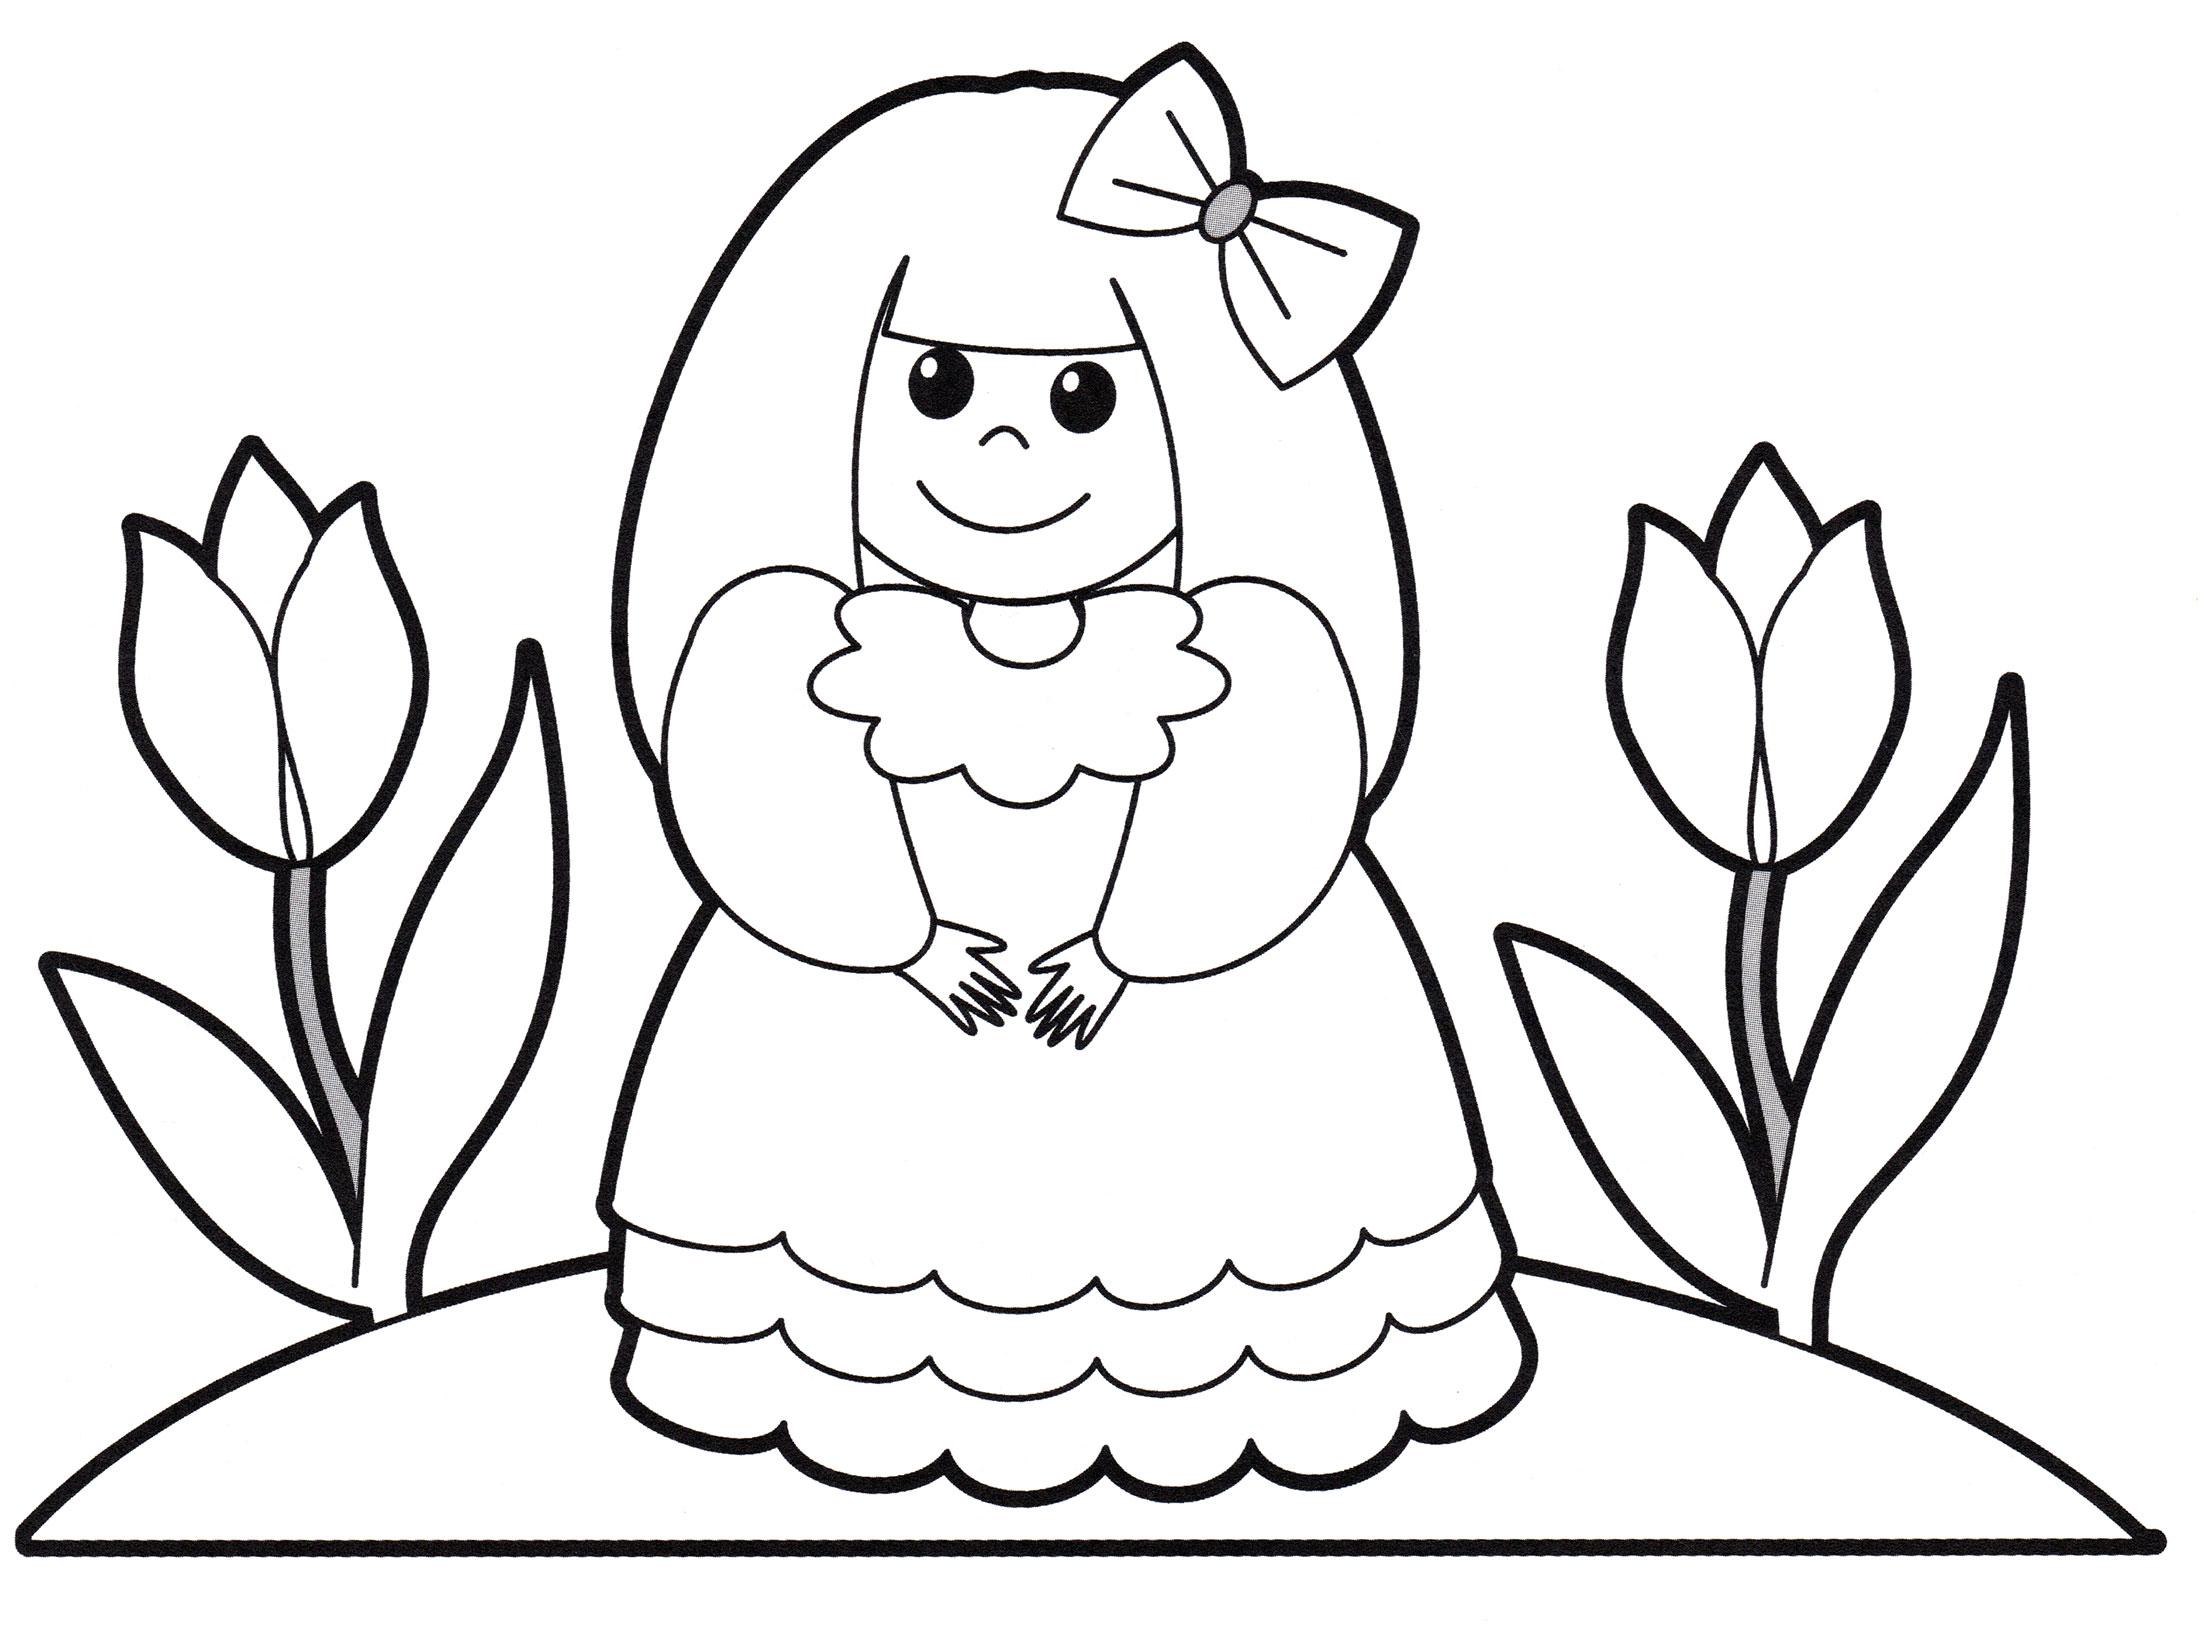 Раскраска Принцесса с бантиком - распечатать бесплатно